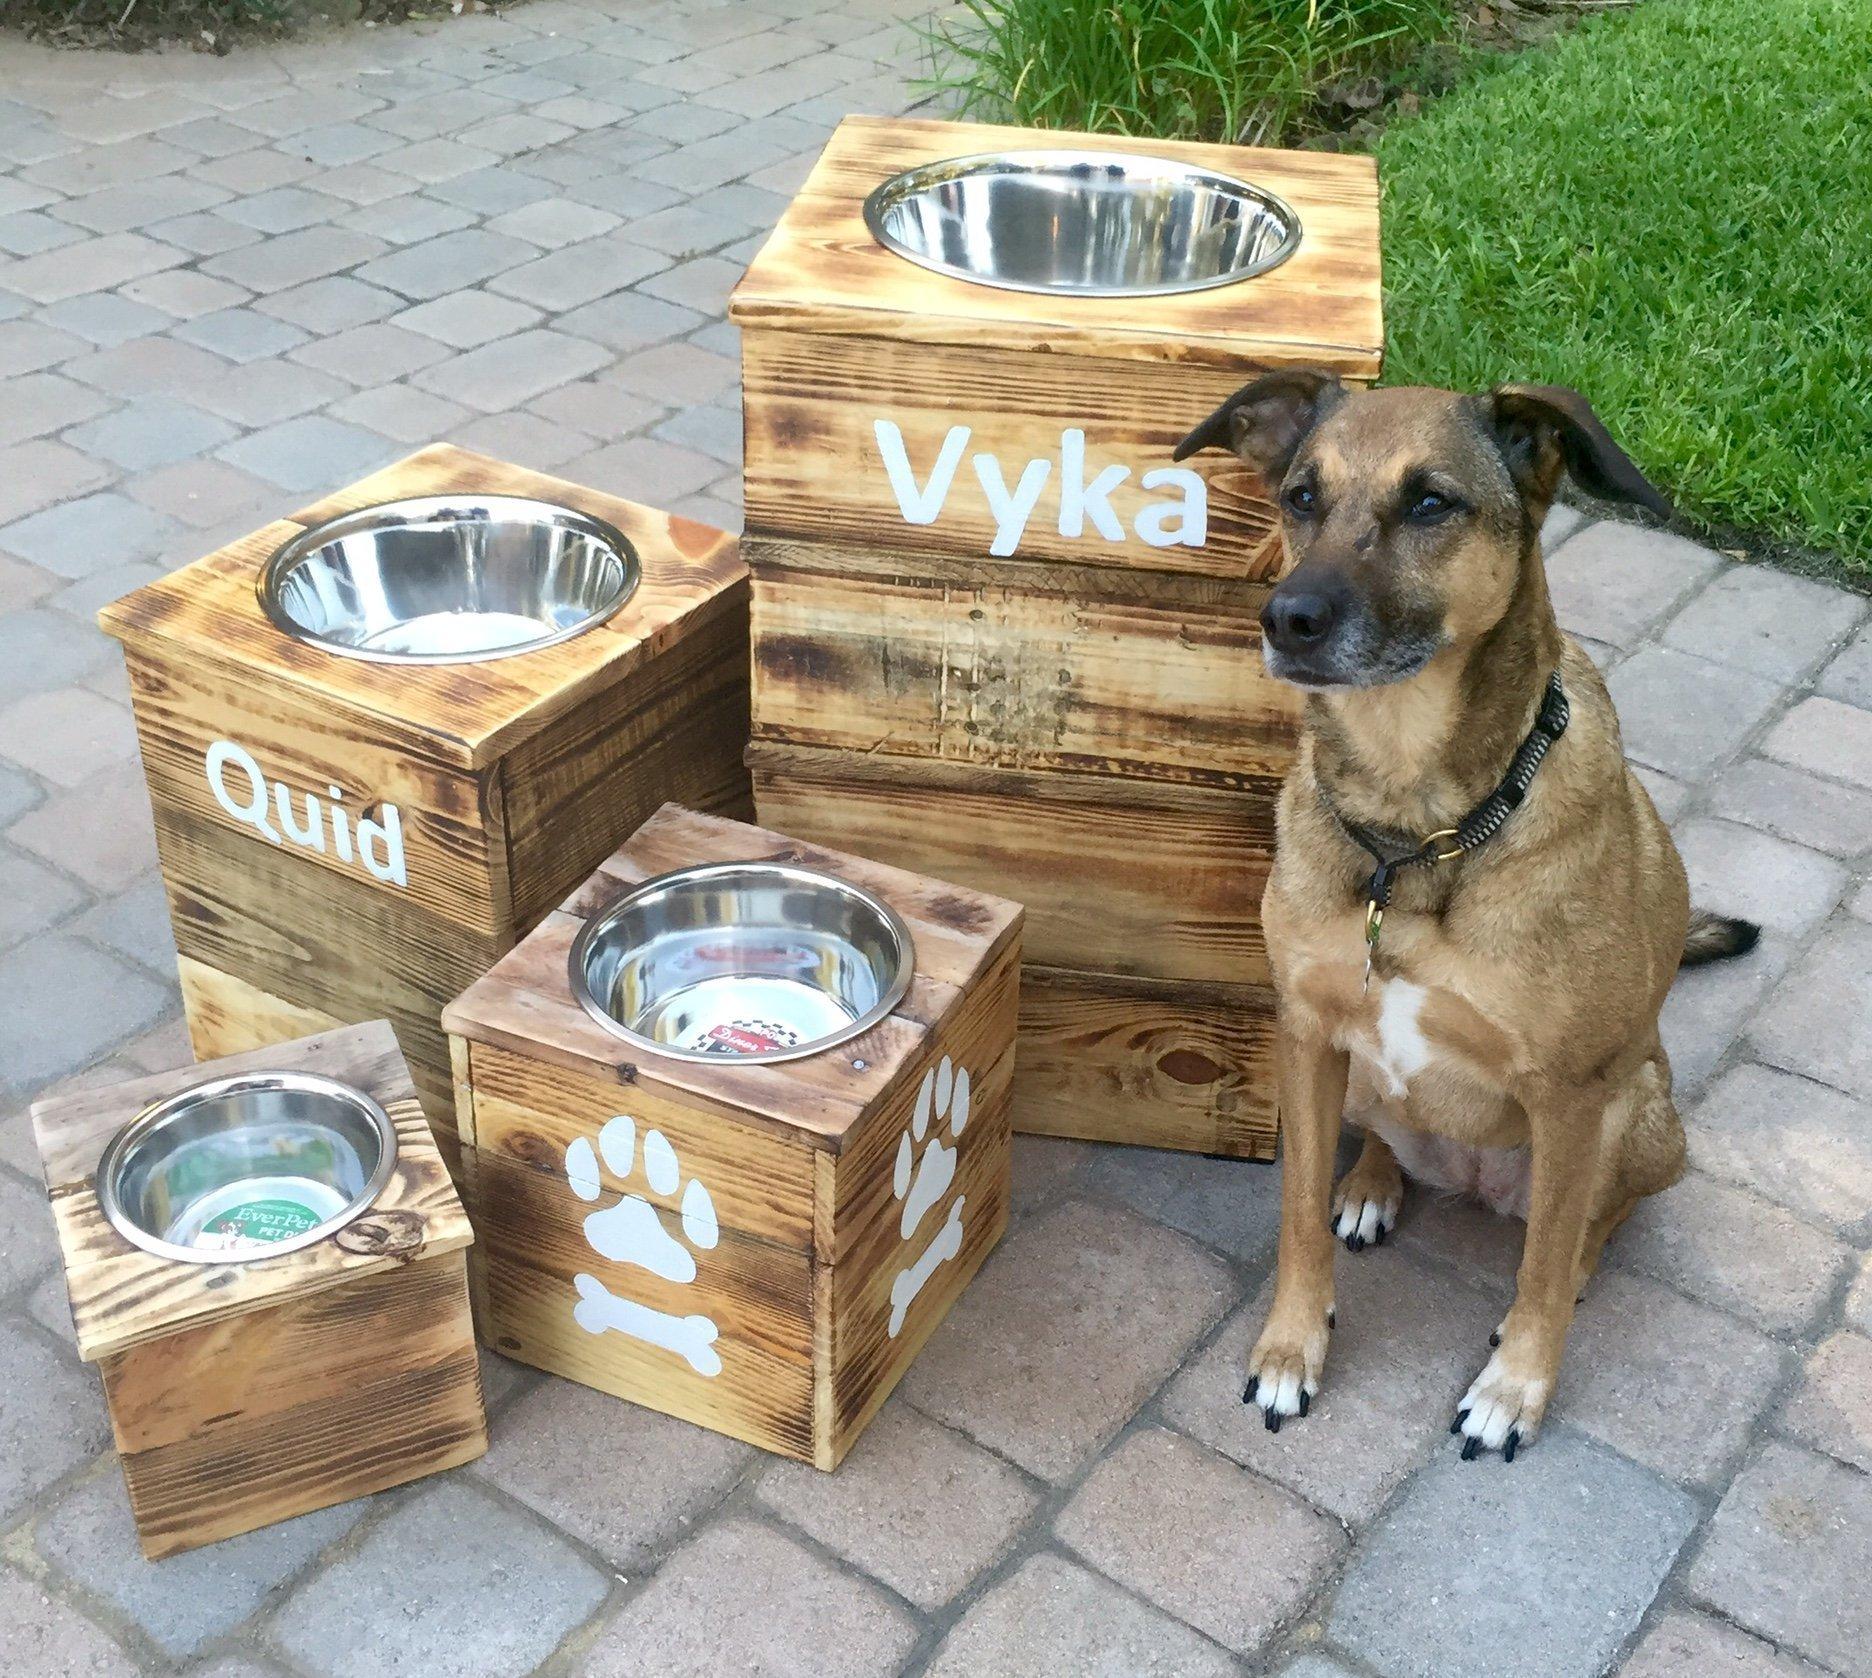 Double Extra Large Elevated Dog Dish // Extra Large 2 Bowl Feeding Stand // Dog Dish // Elevated Dog Bowl by 6 Dogs Decor (Image #2)